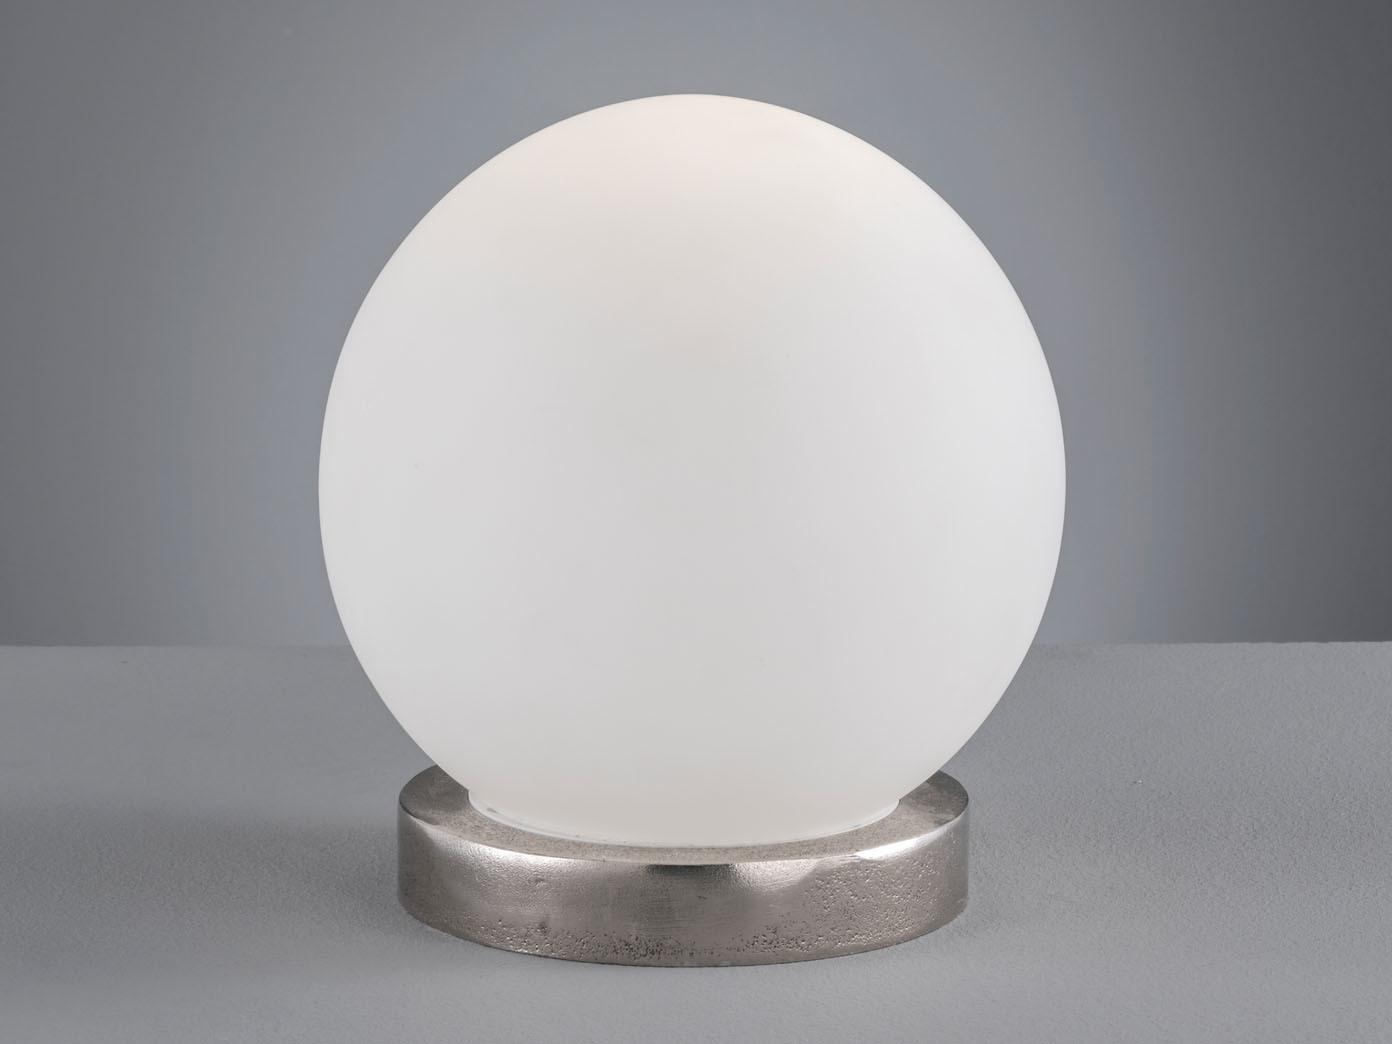 Wohnzimmerlampe LED Tischleuchte in Kugelform Ø25cm weiße Glaskugel opal matt